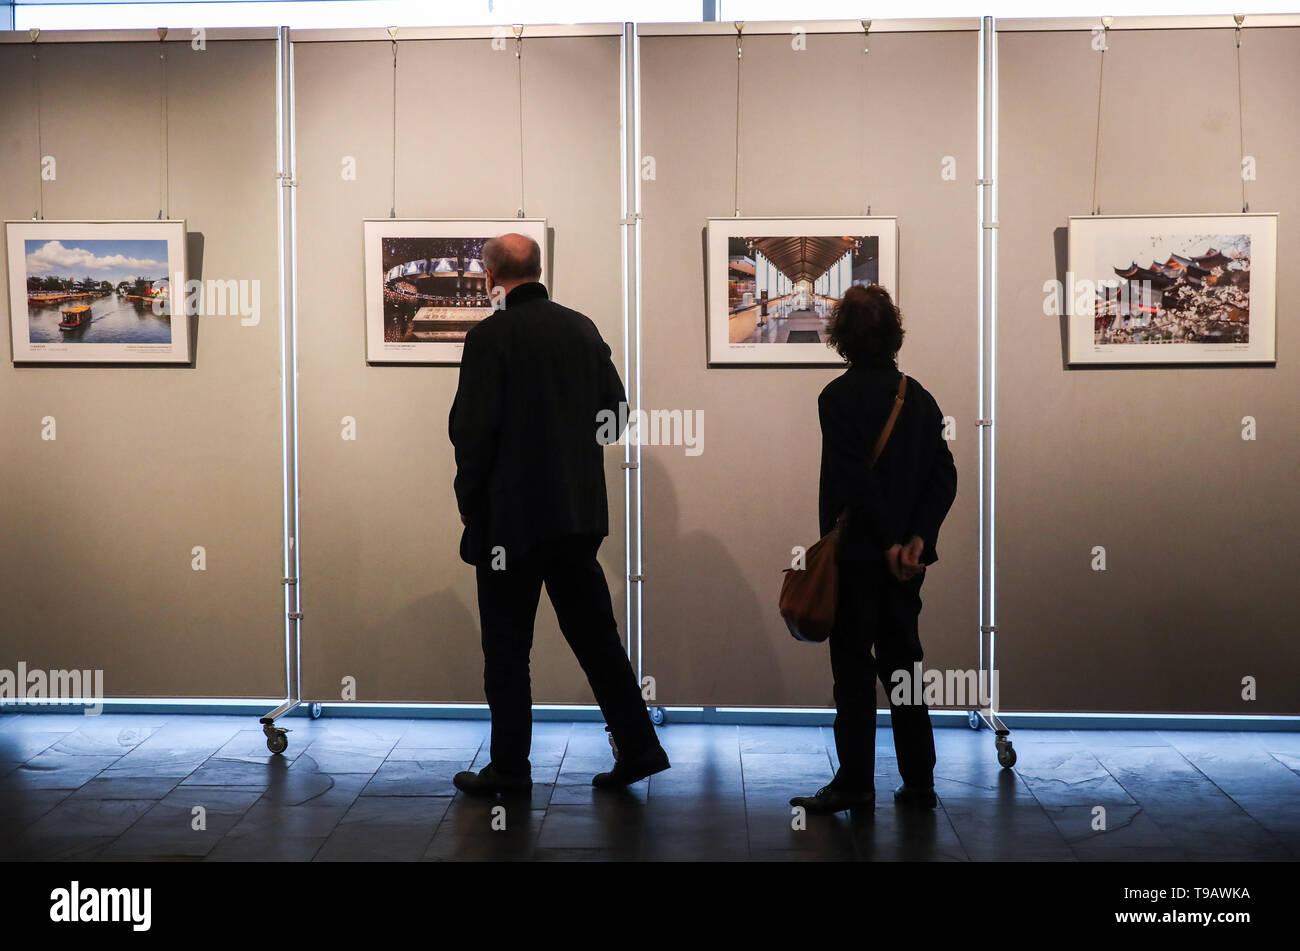 Berlin, Allemagne. 17 mai, 2019. Les visiteurs d'étudier les photos affichées au cours de la Culture et du tourisme de Nanjing semaines au Centre Culturel de Chine à Berlin, capitale de l'Allemagne, le 17 mai 2019. Credit: Shan Yuqi/Xinhua/Alamy Live News Banque D'Images